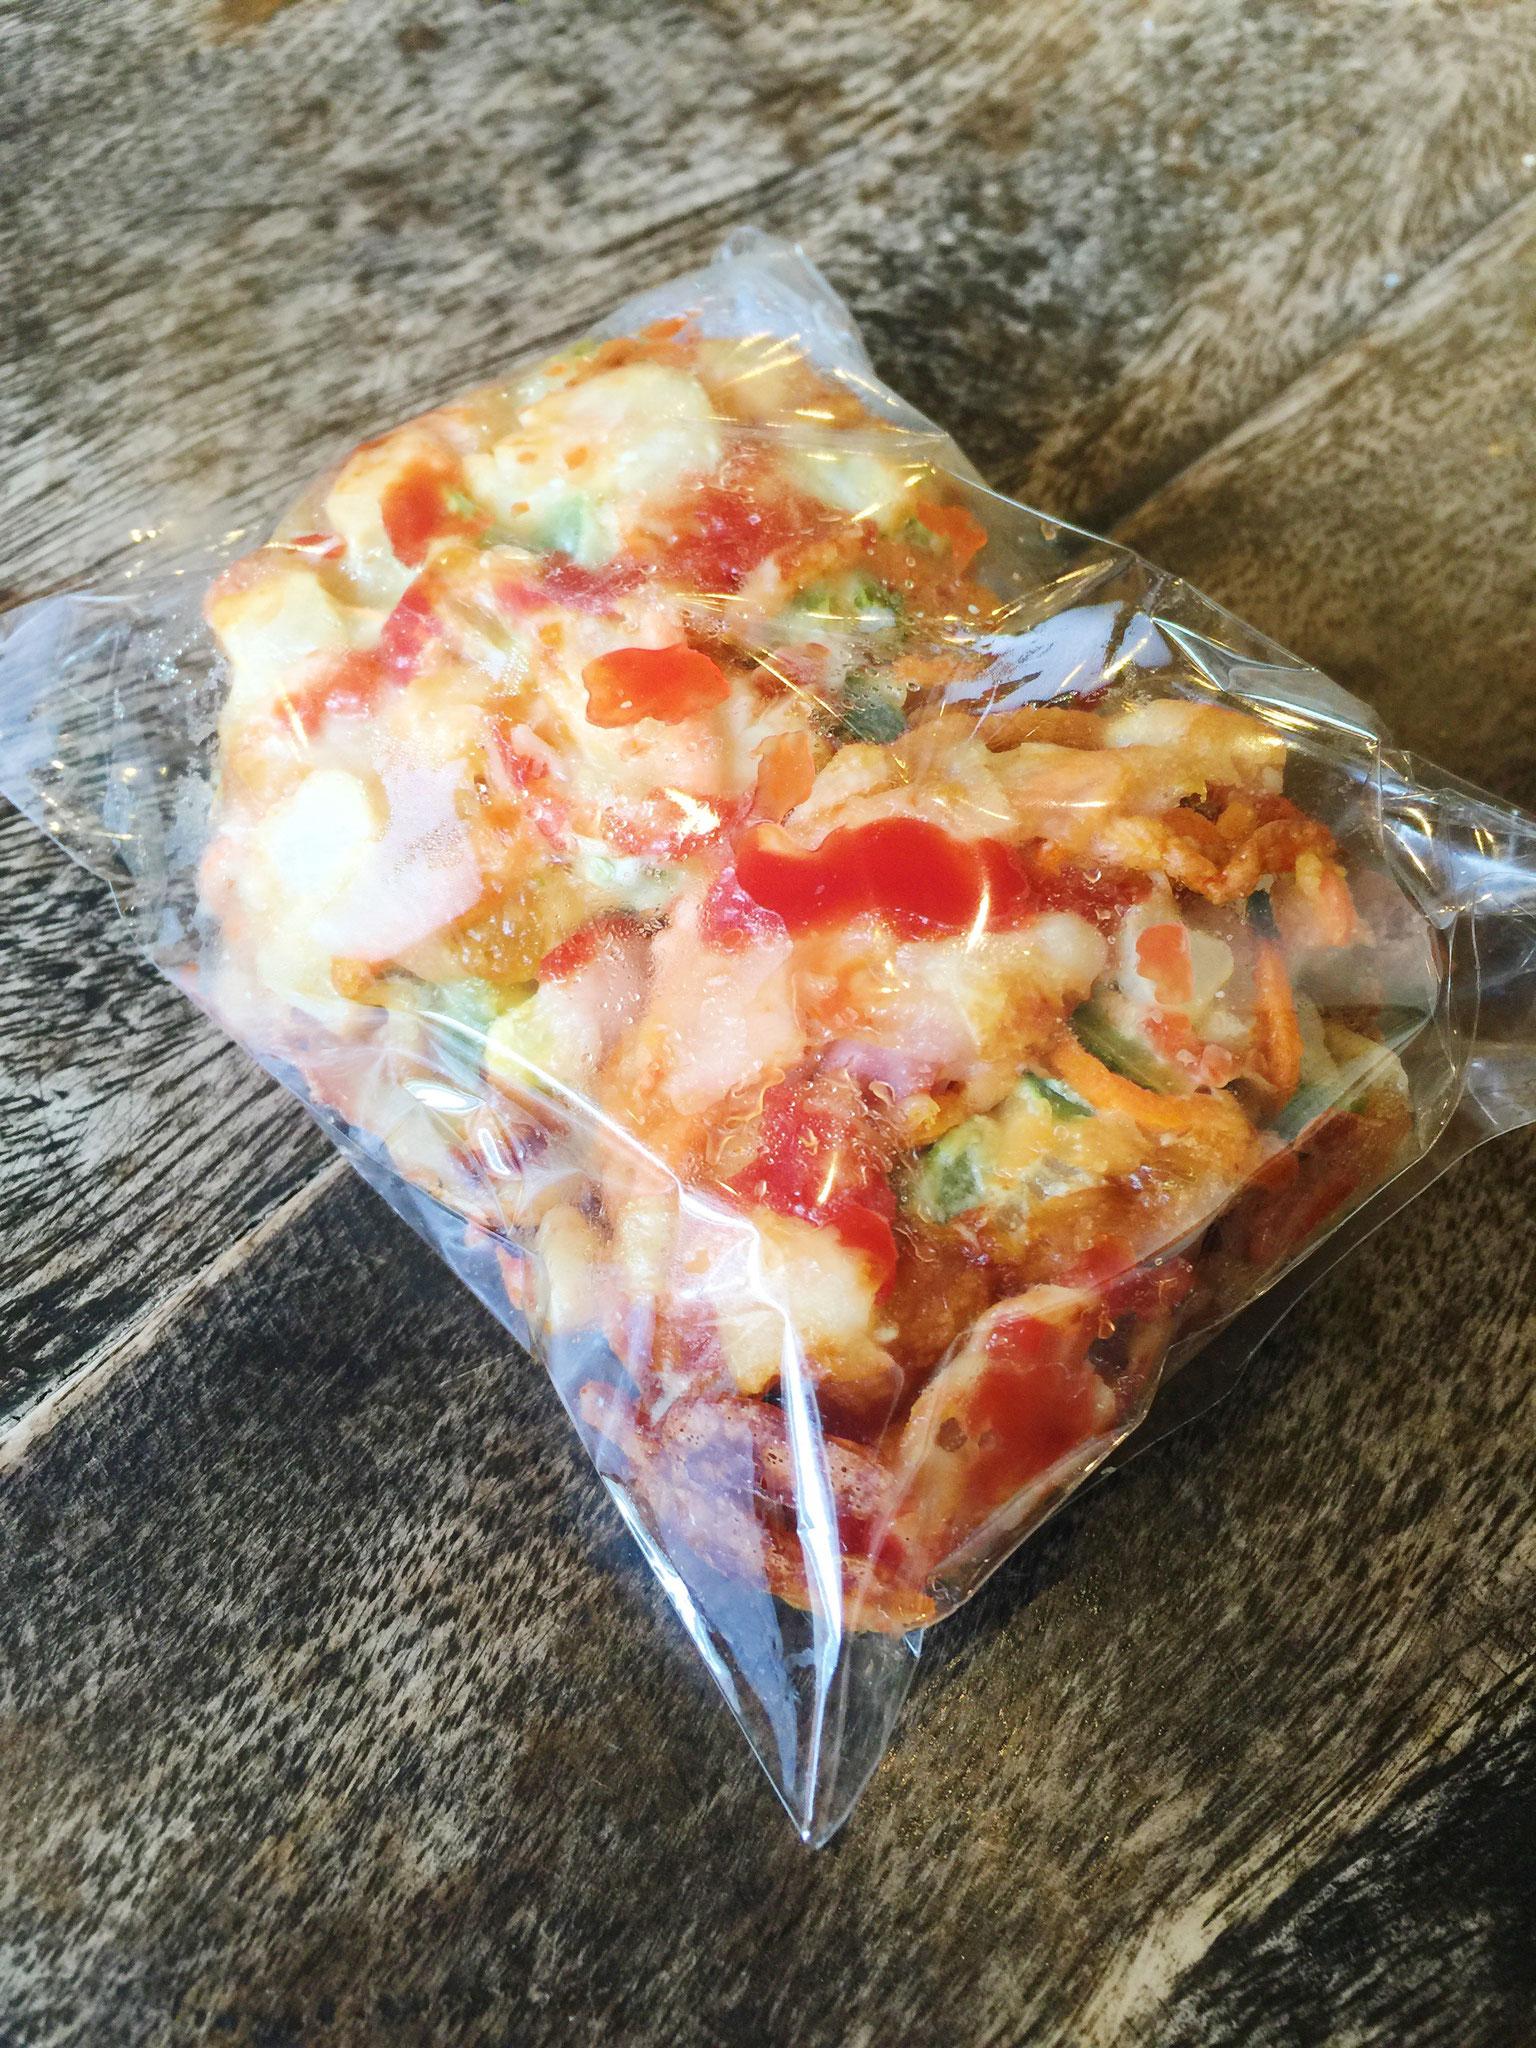 Pizza Baguette - $1.95